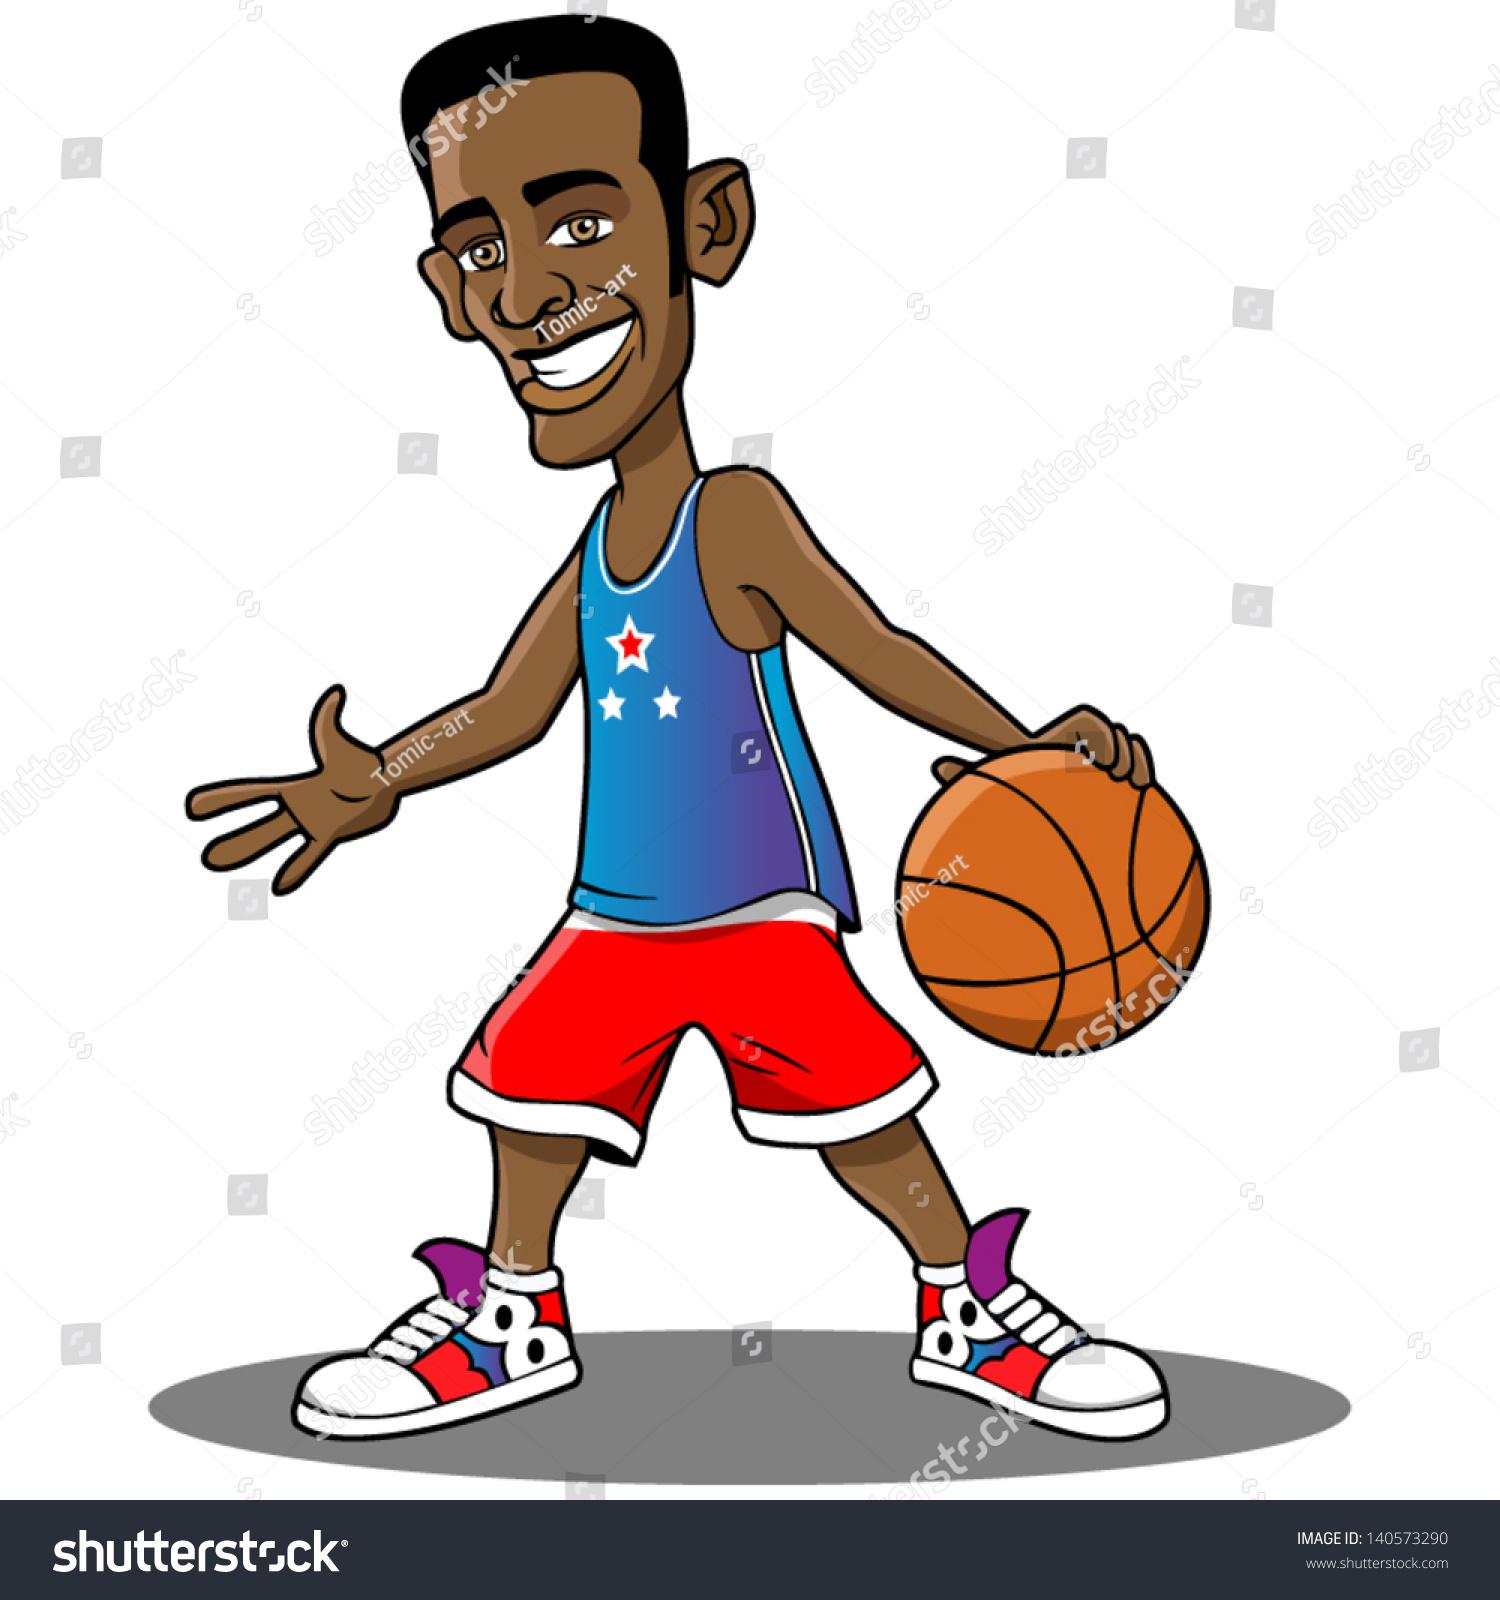 Cartoon basketball player standing